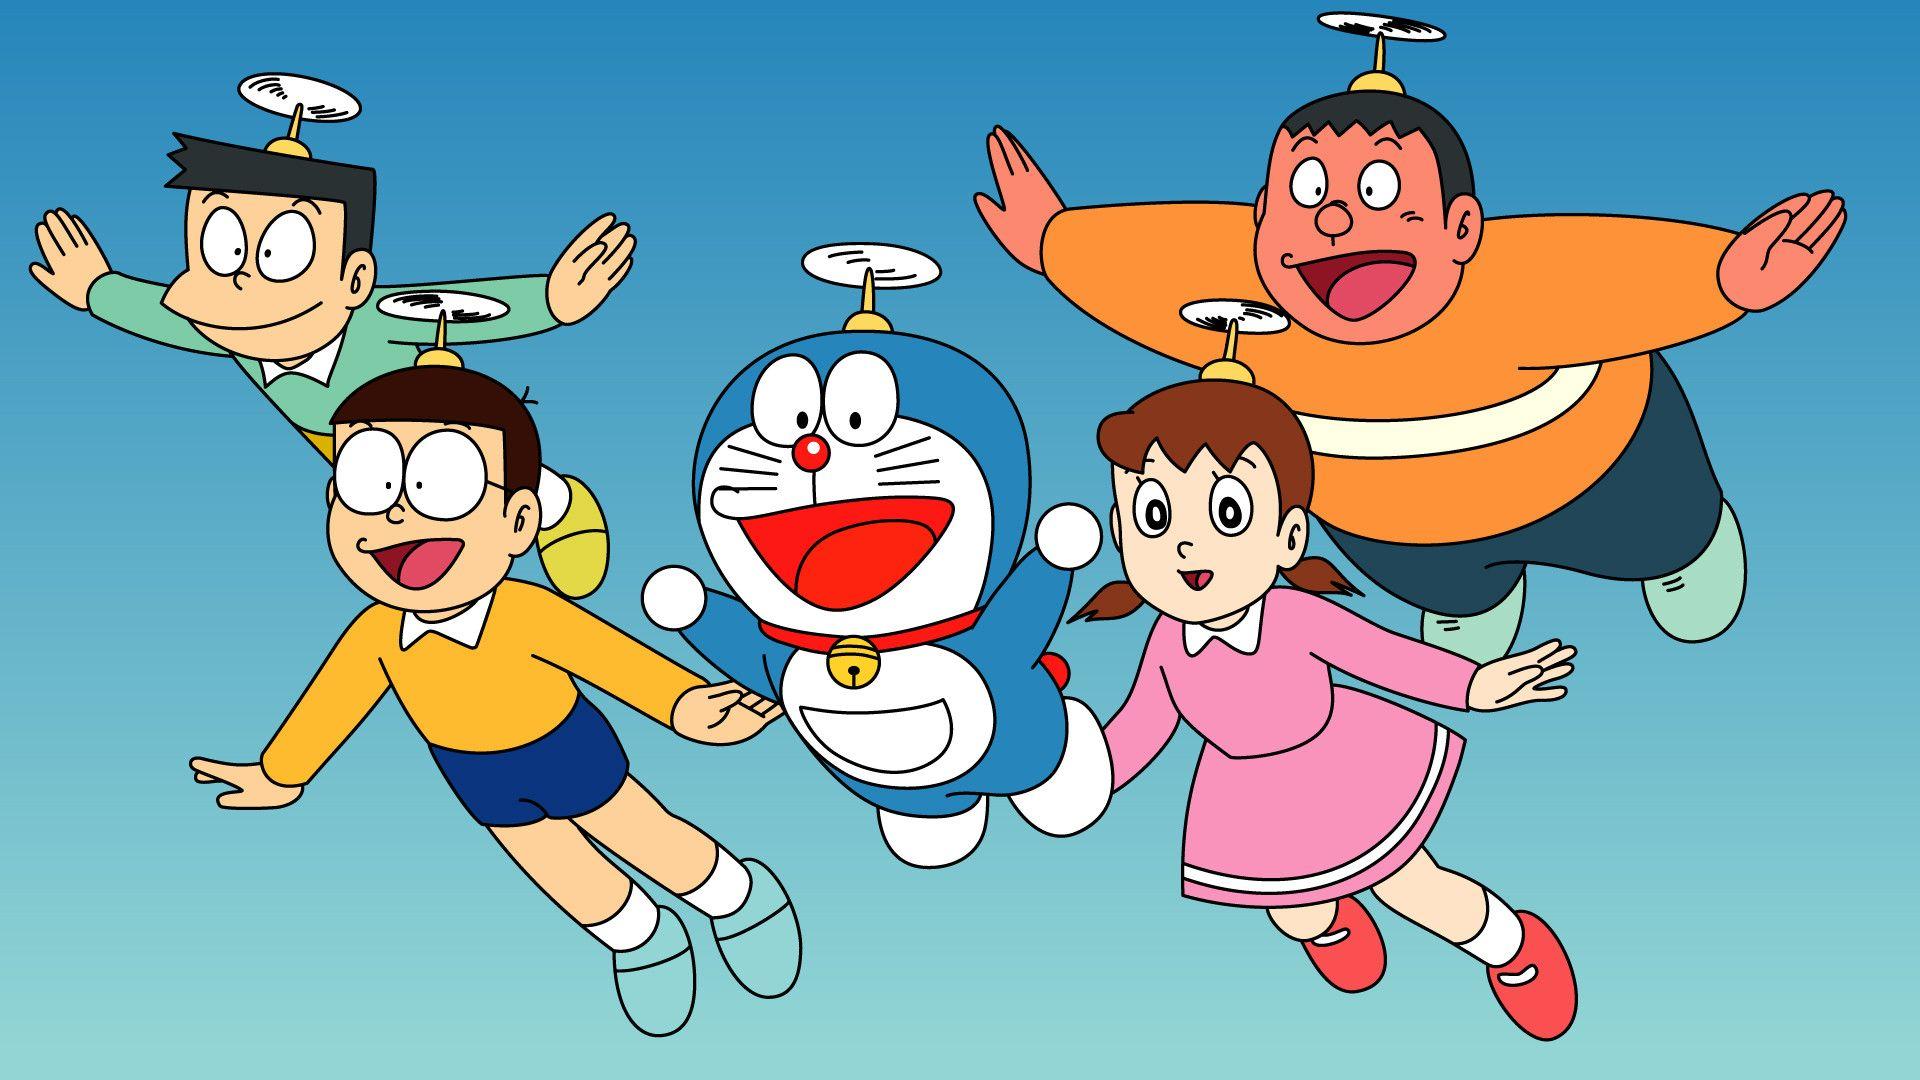 Doraemon And Friends Wallpaper Wallpaper HD Best Wallpaper 1920x1080